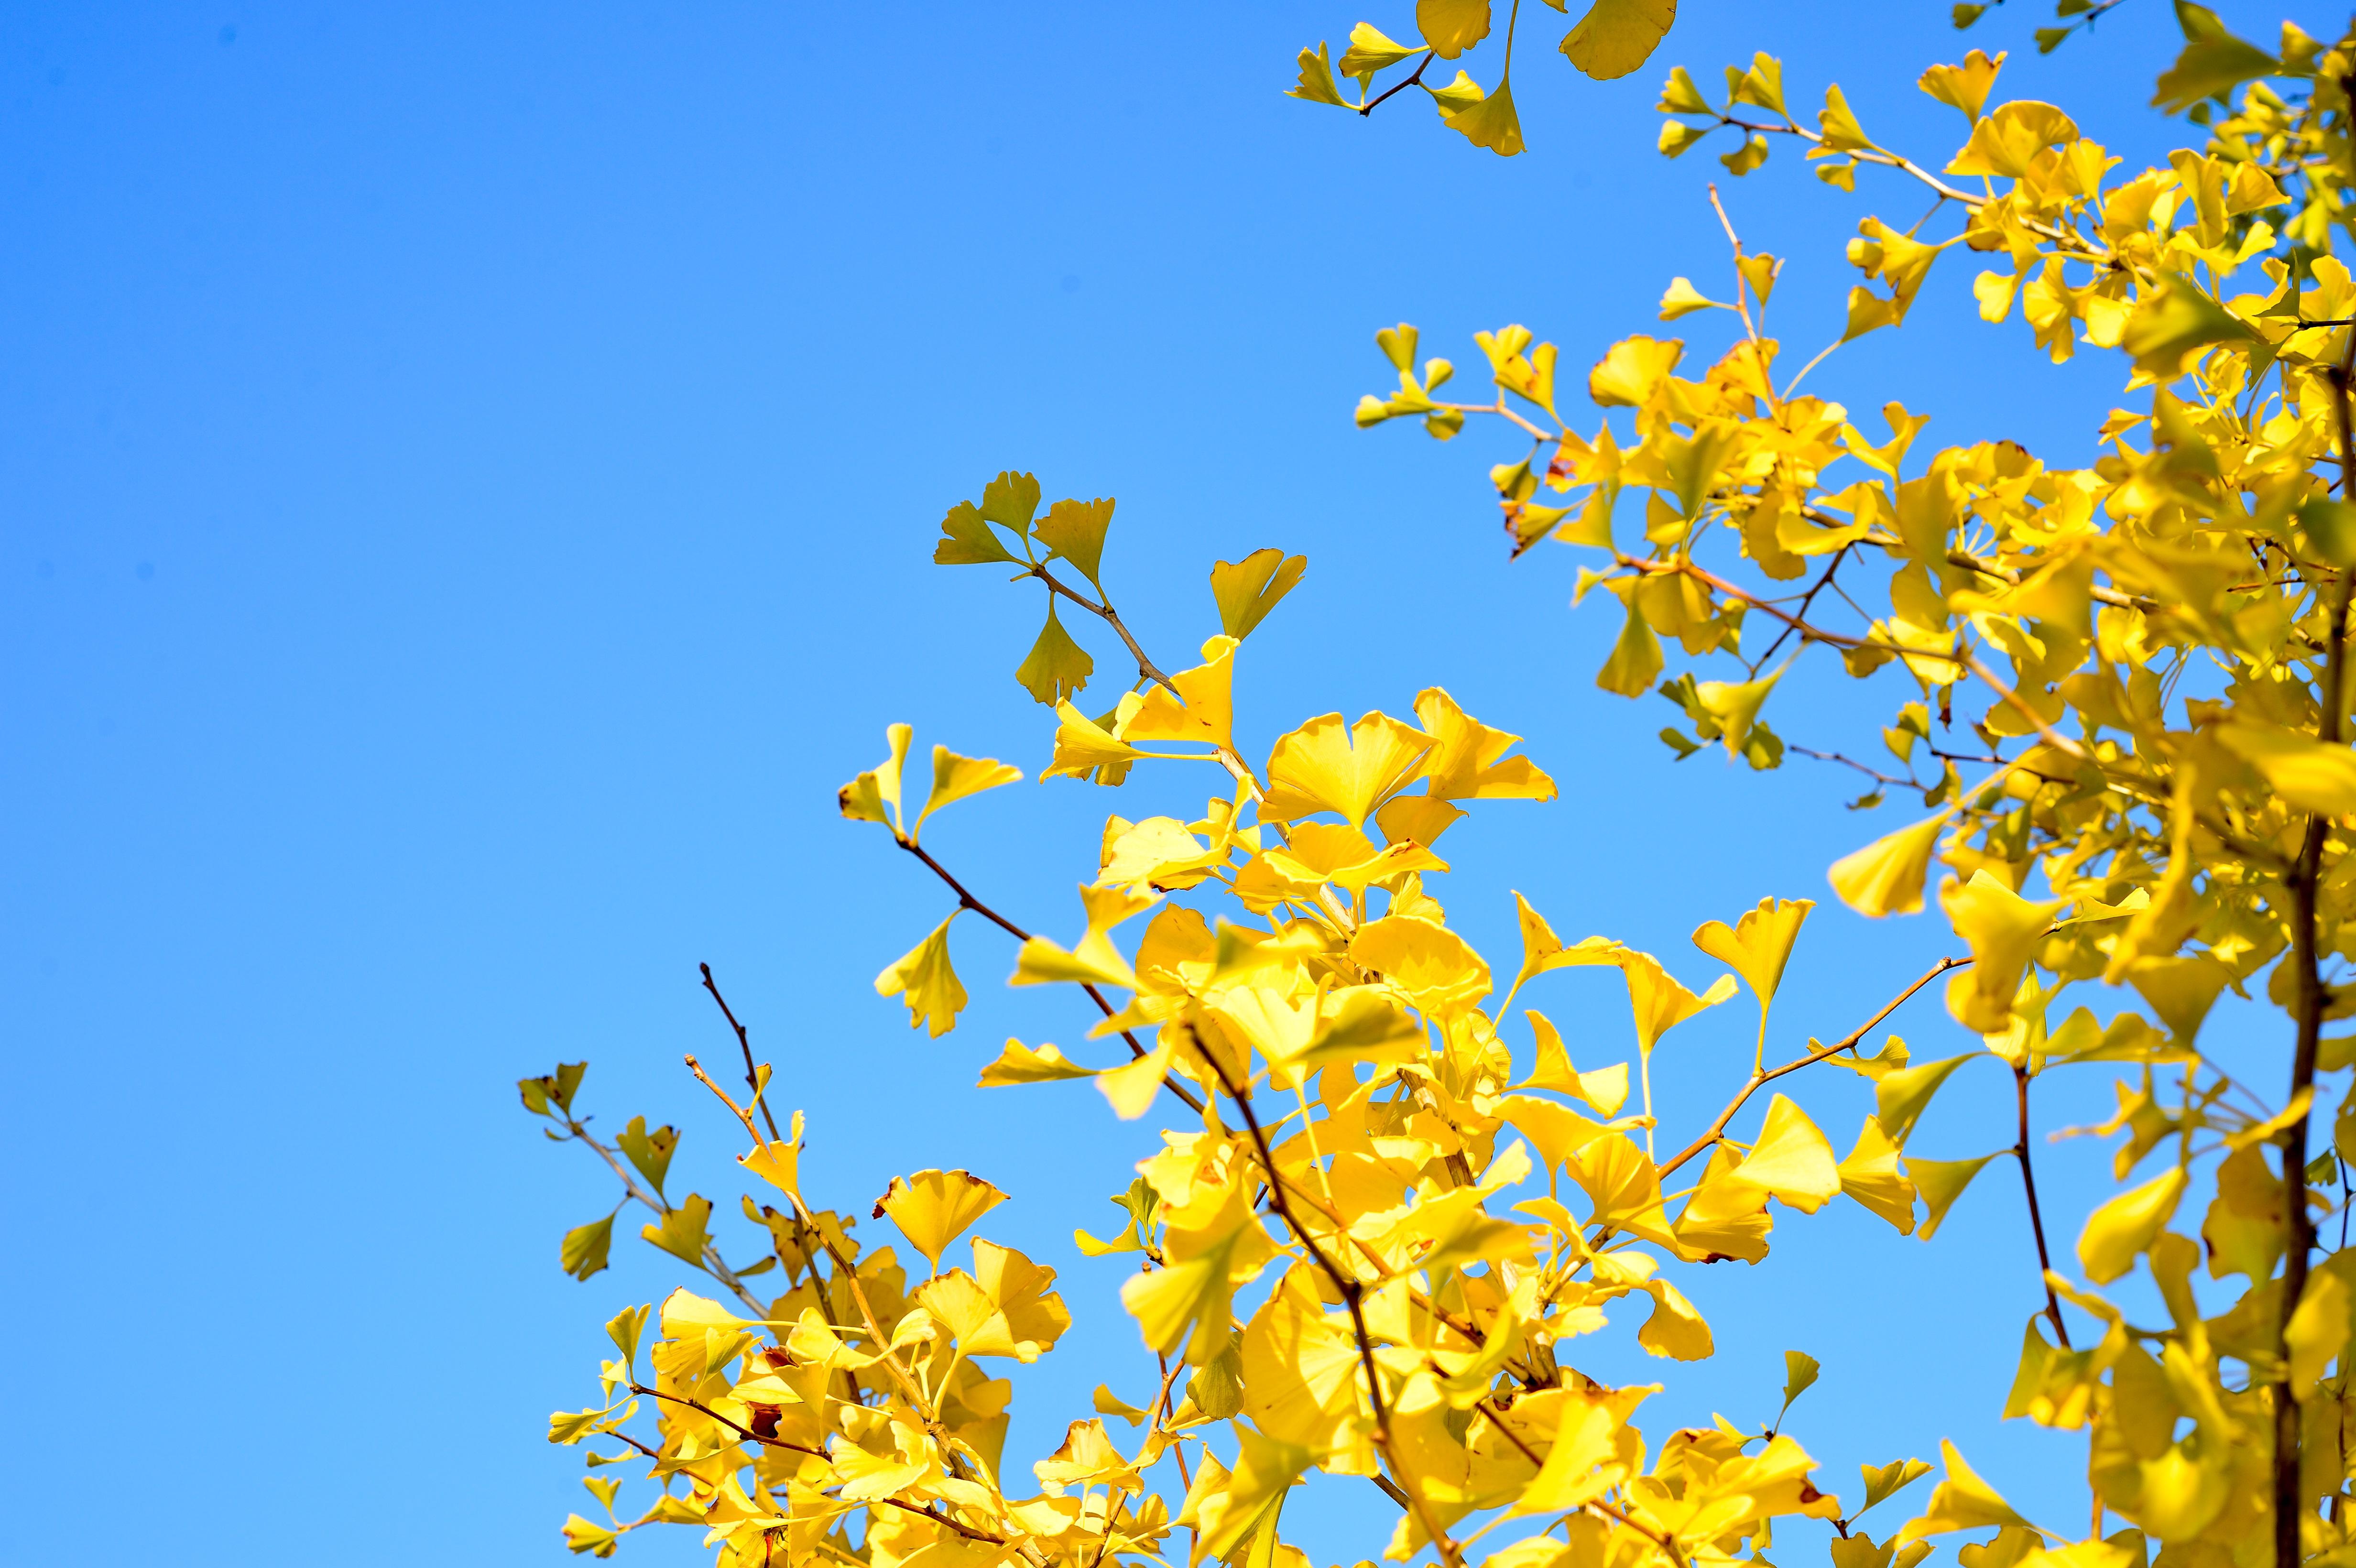 free images landscape branch blossom wood sunlight leaf